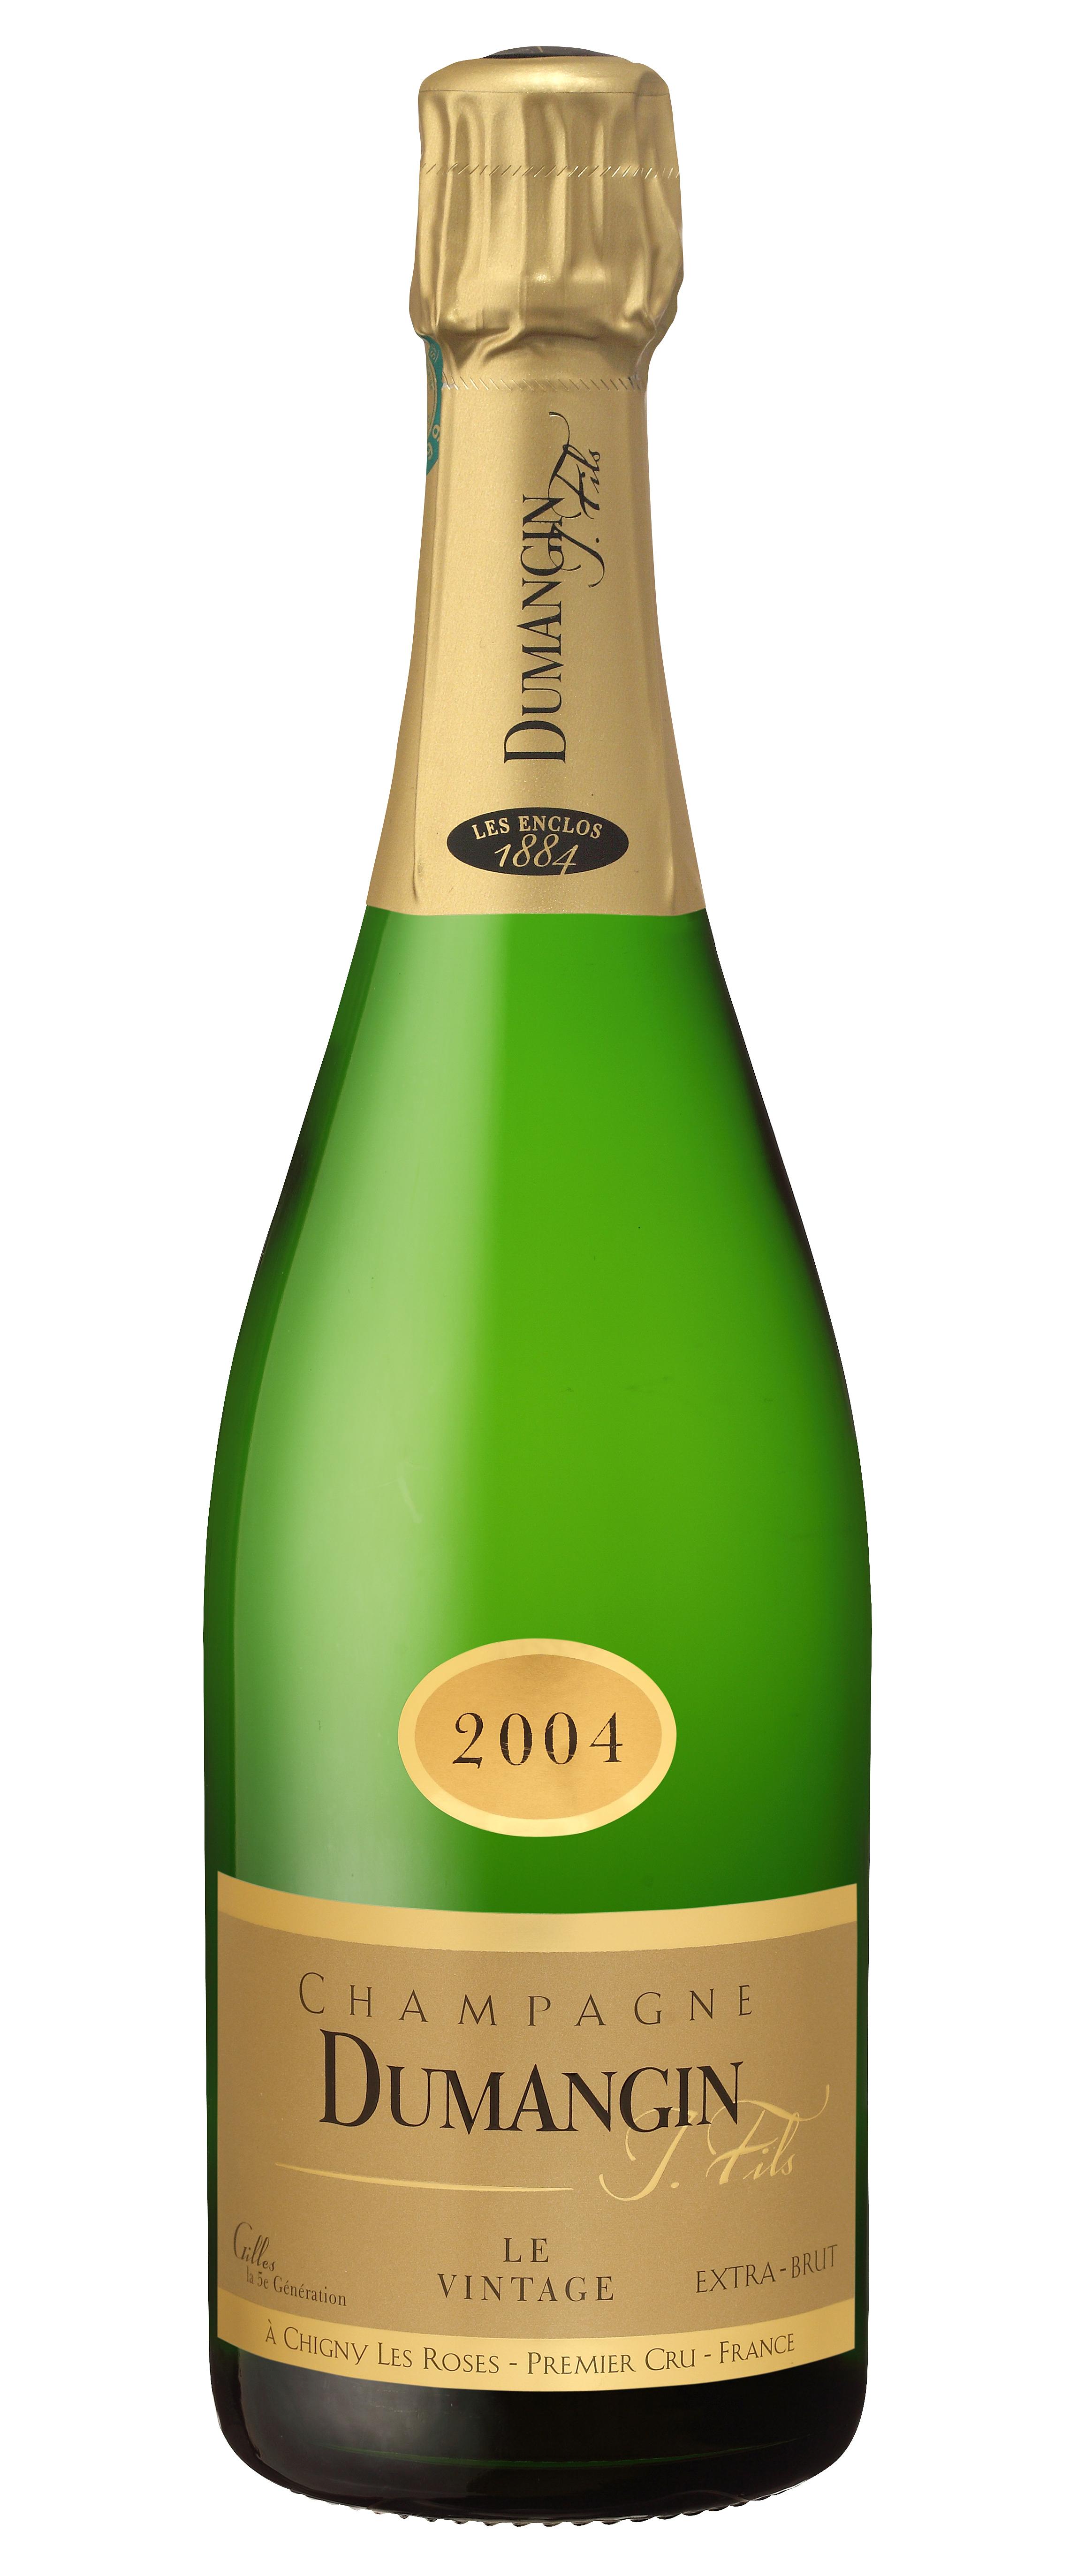 Le Vintage 2004 00021